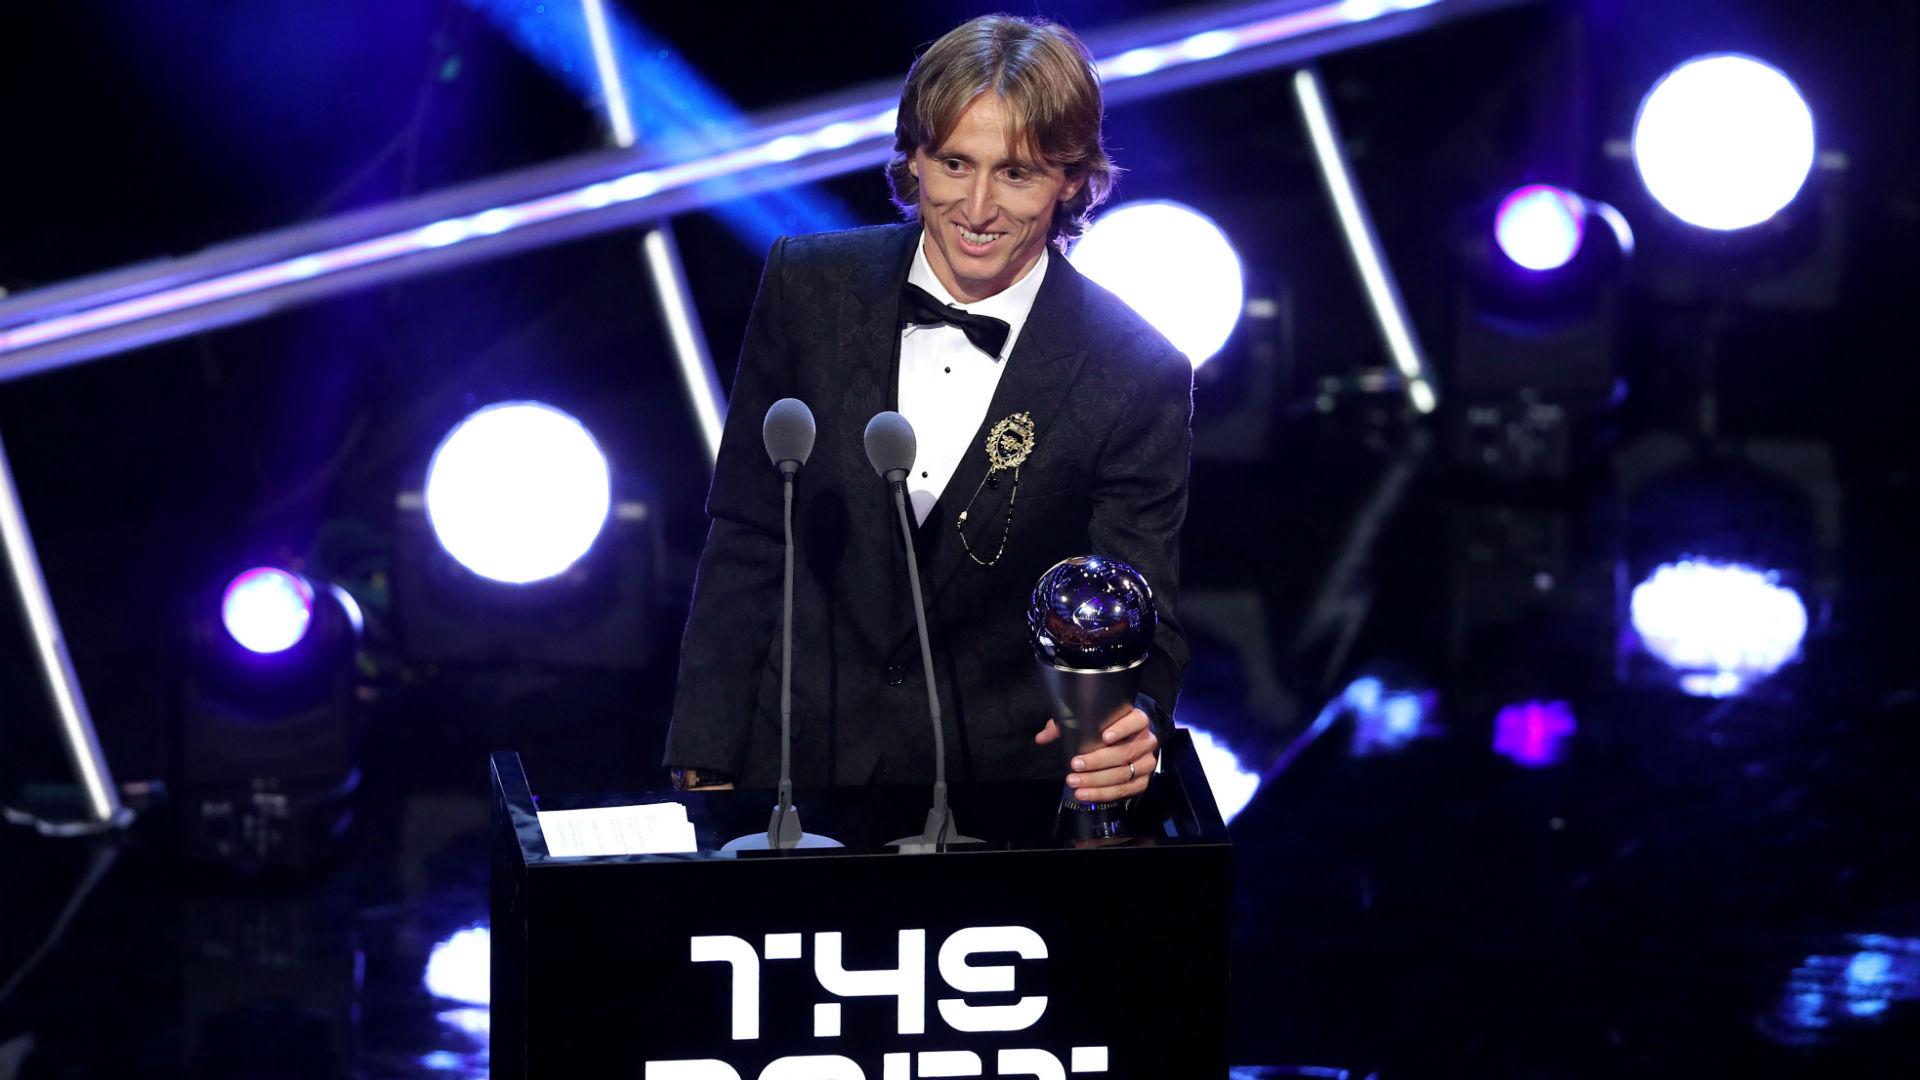 Modric not deserving of Ballon d'Or – Cavani